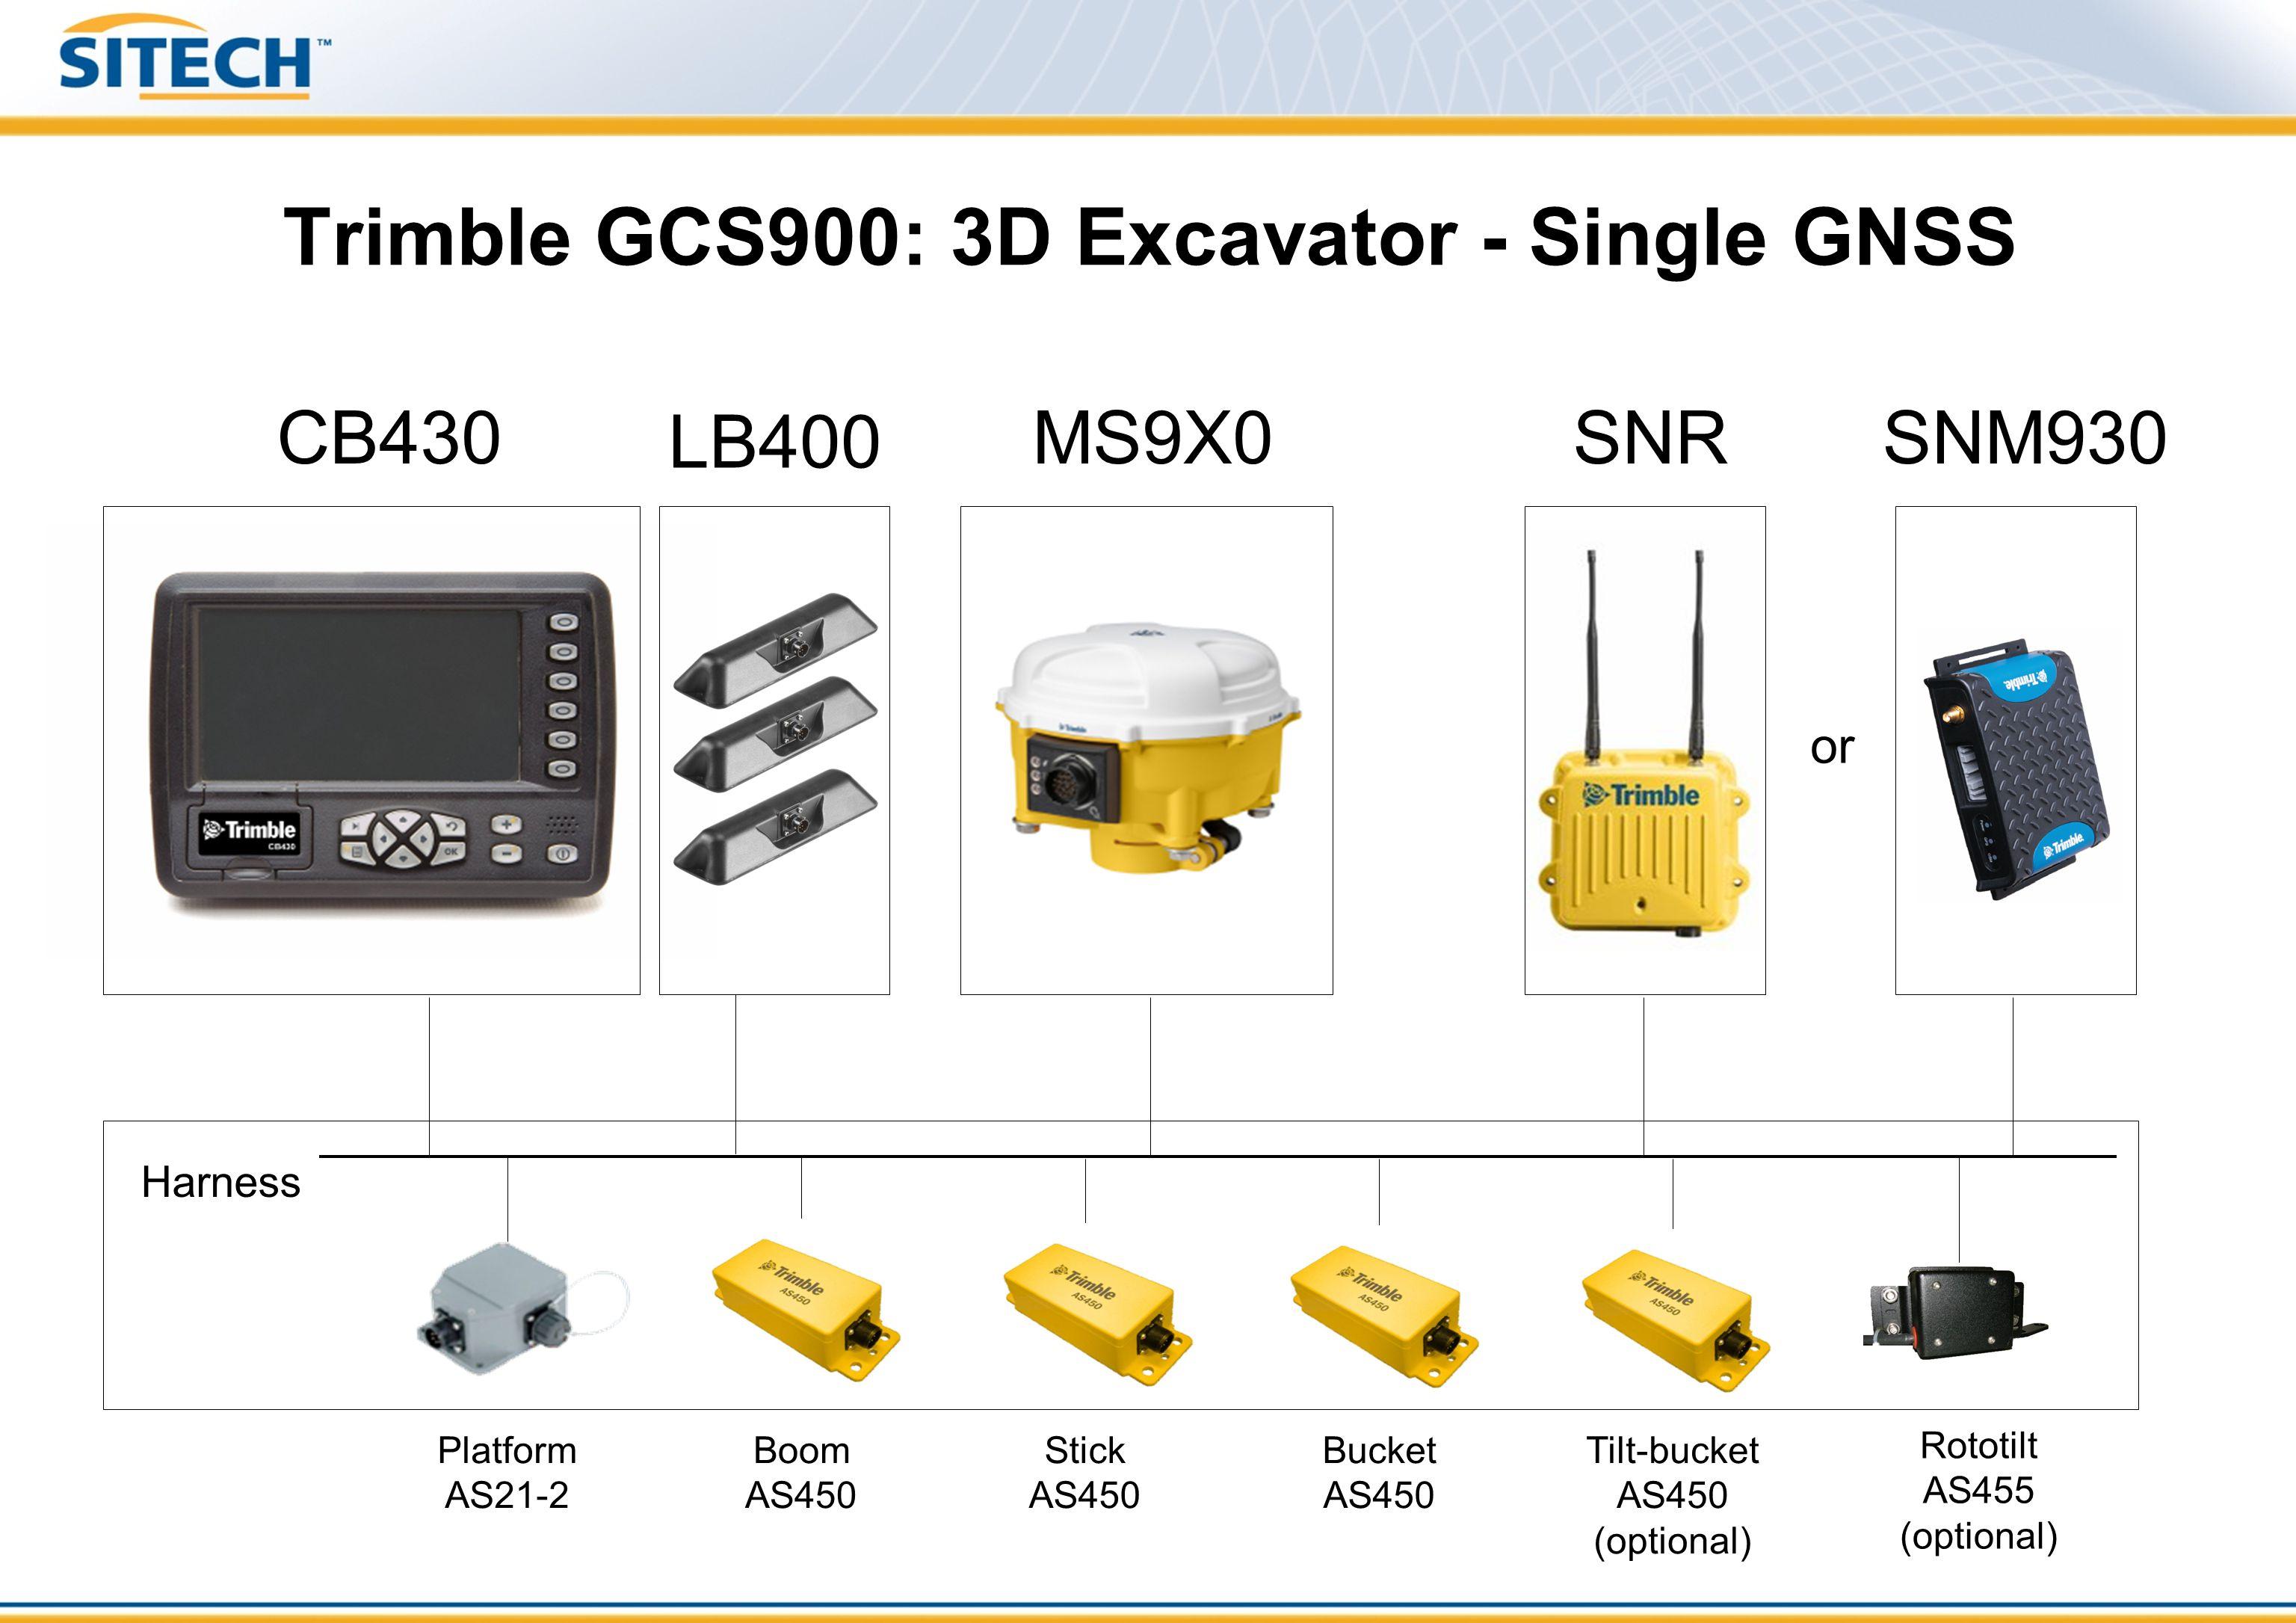 Trimble GCS900: 3D Excavator - Single GNSS